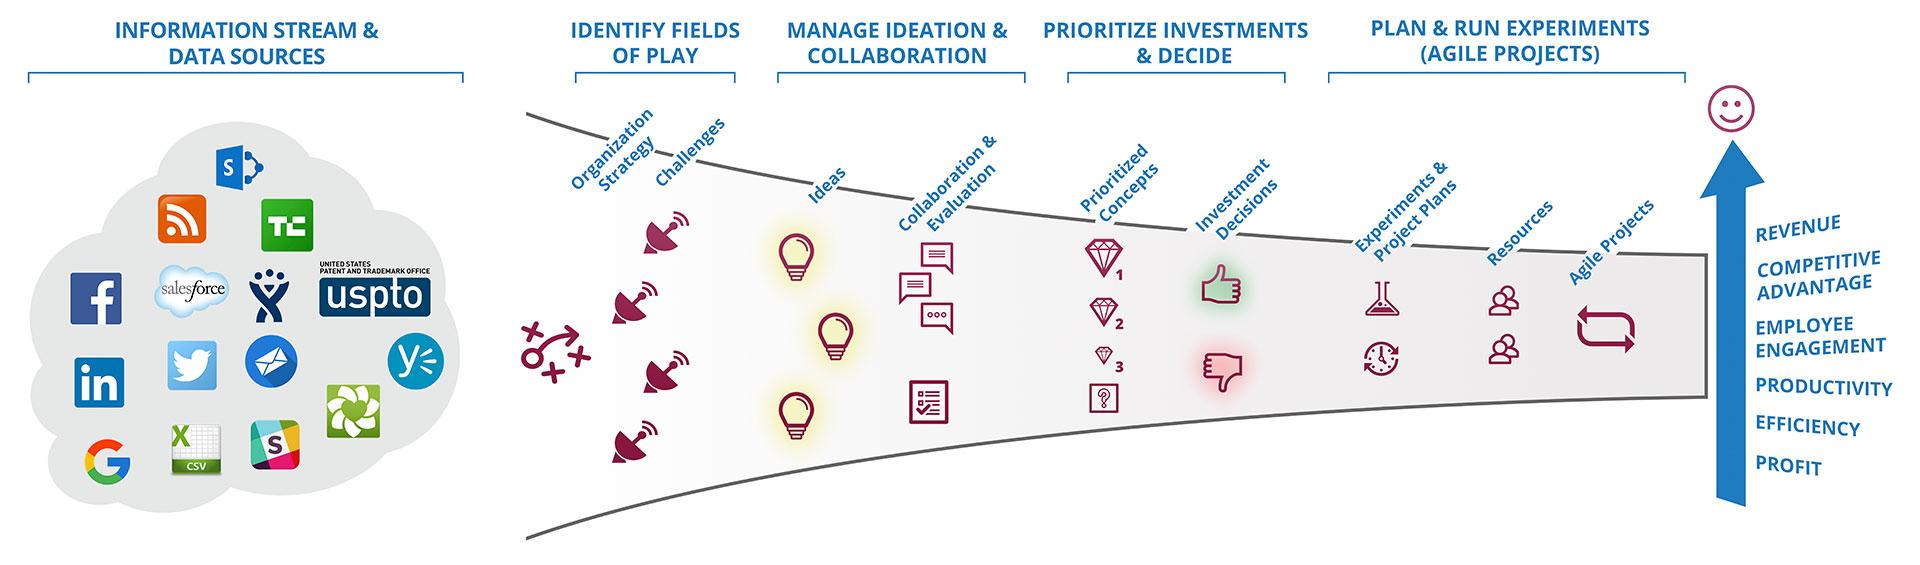 Innovation Management Platform Diagram